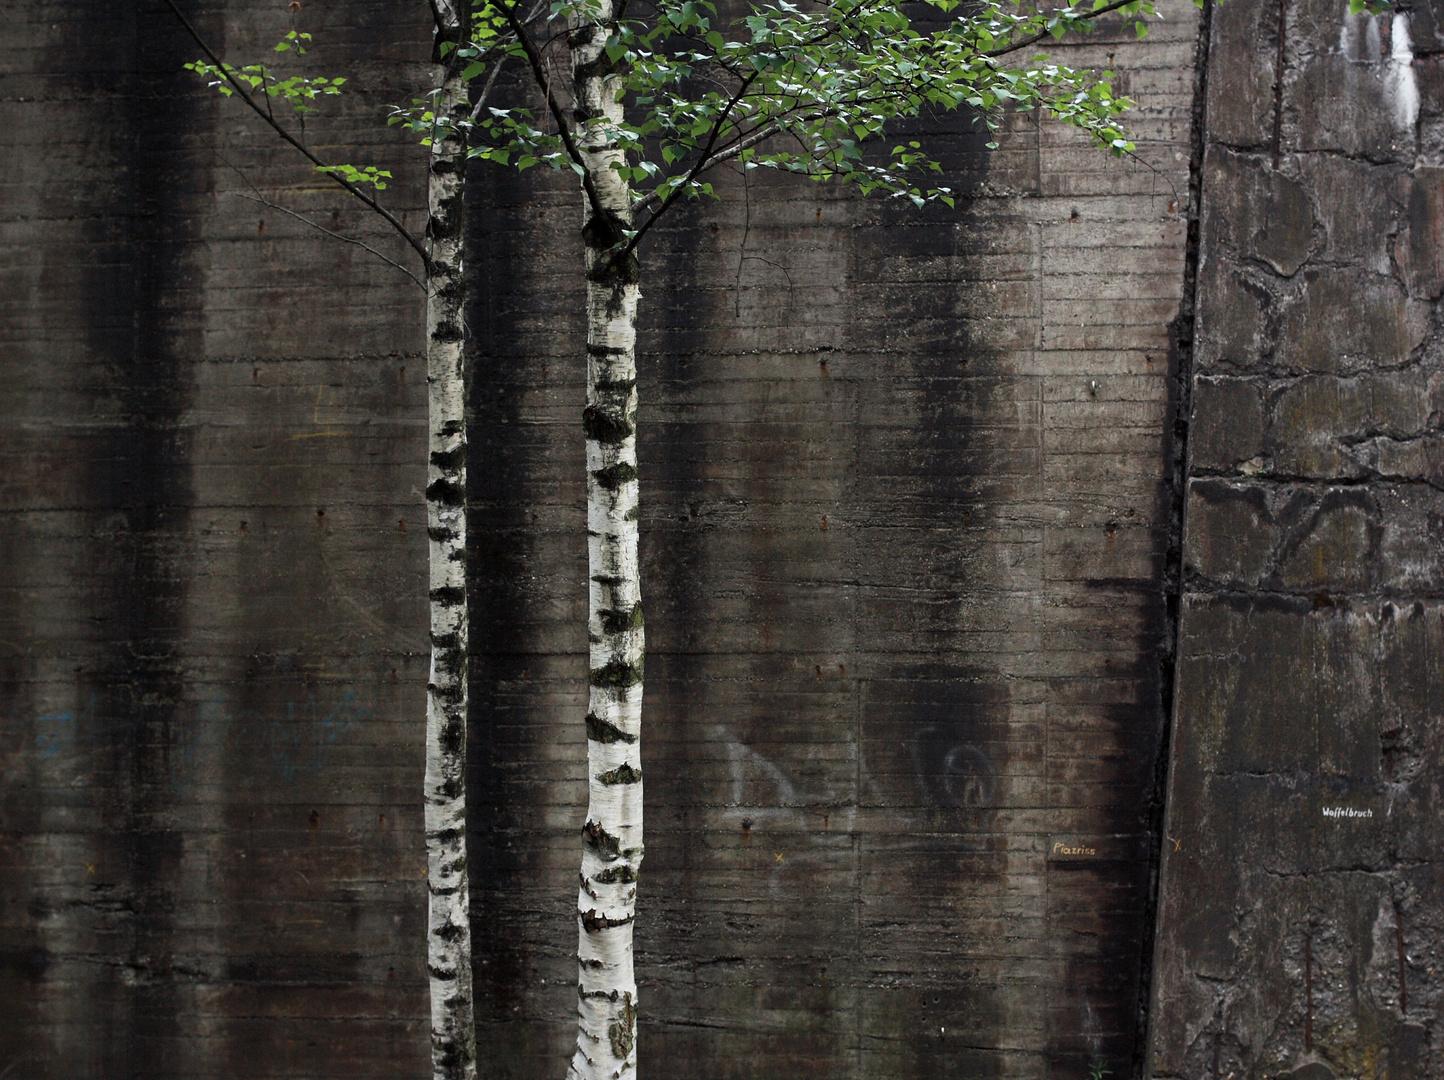 Etwas Grün vor altem Beton (1)